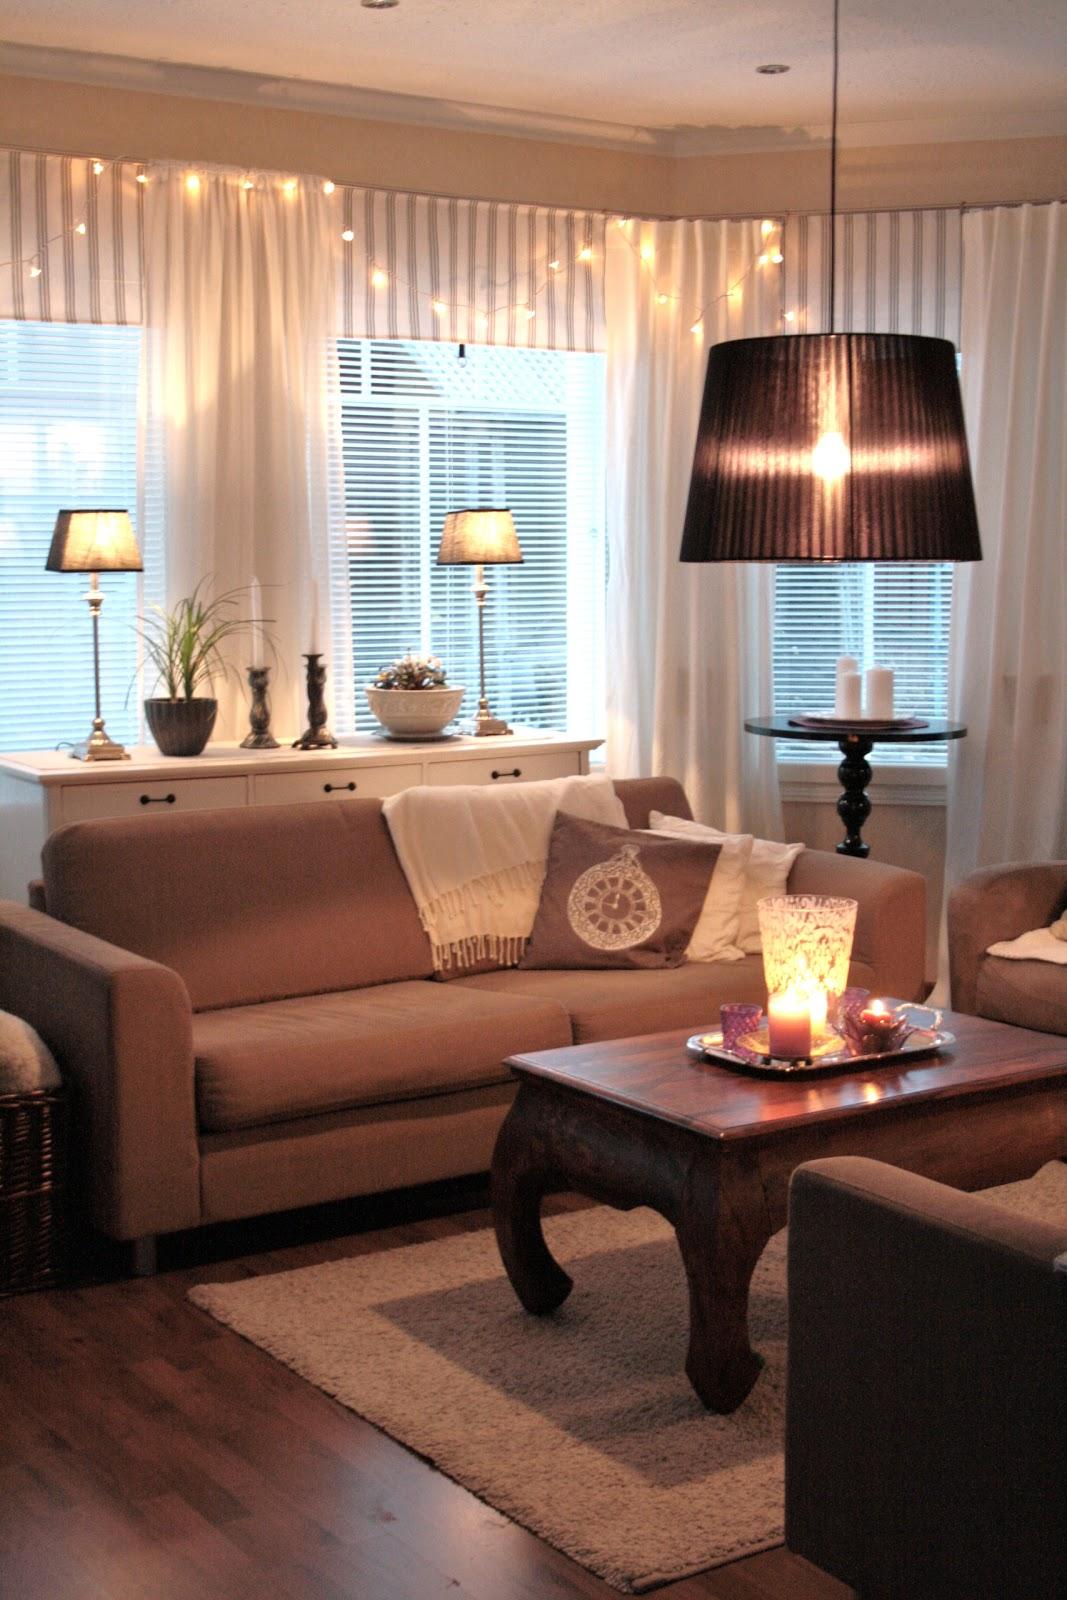 StrandviksVillan: Vardagsrummet med mysbelysning